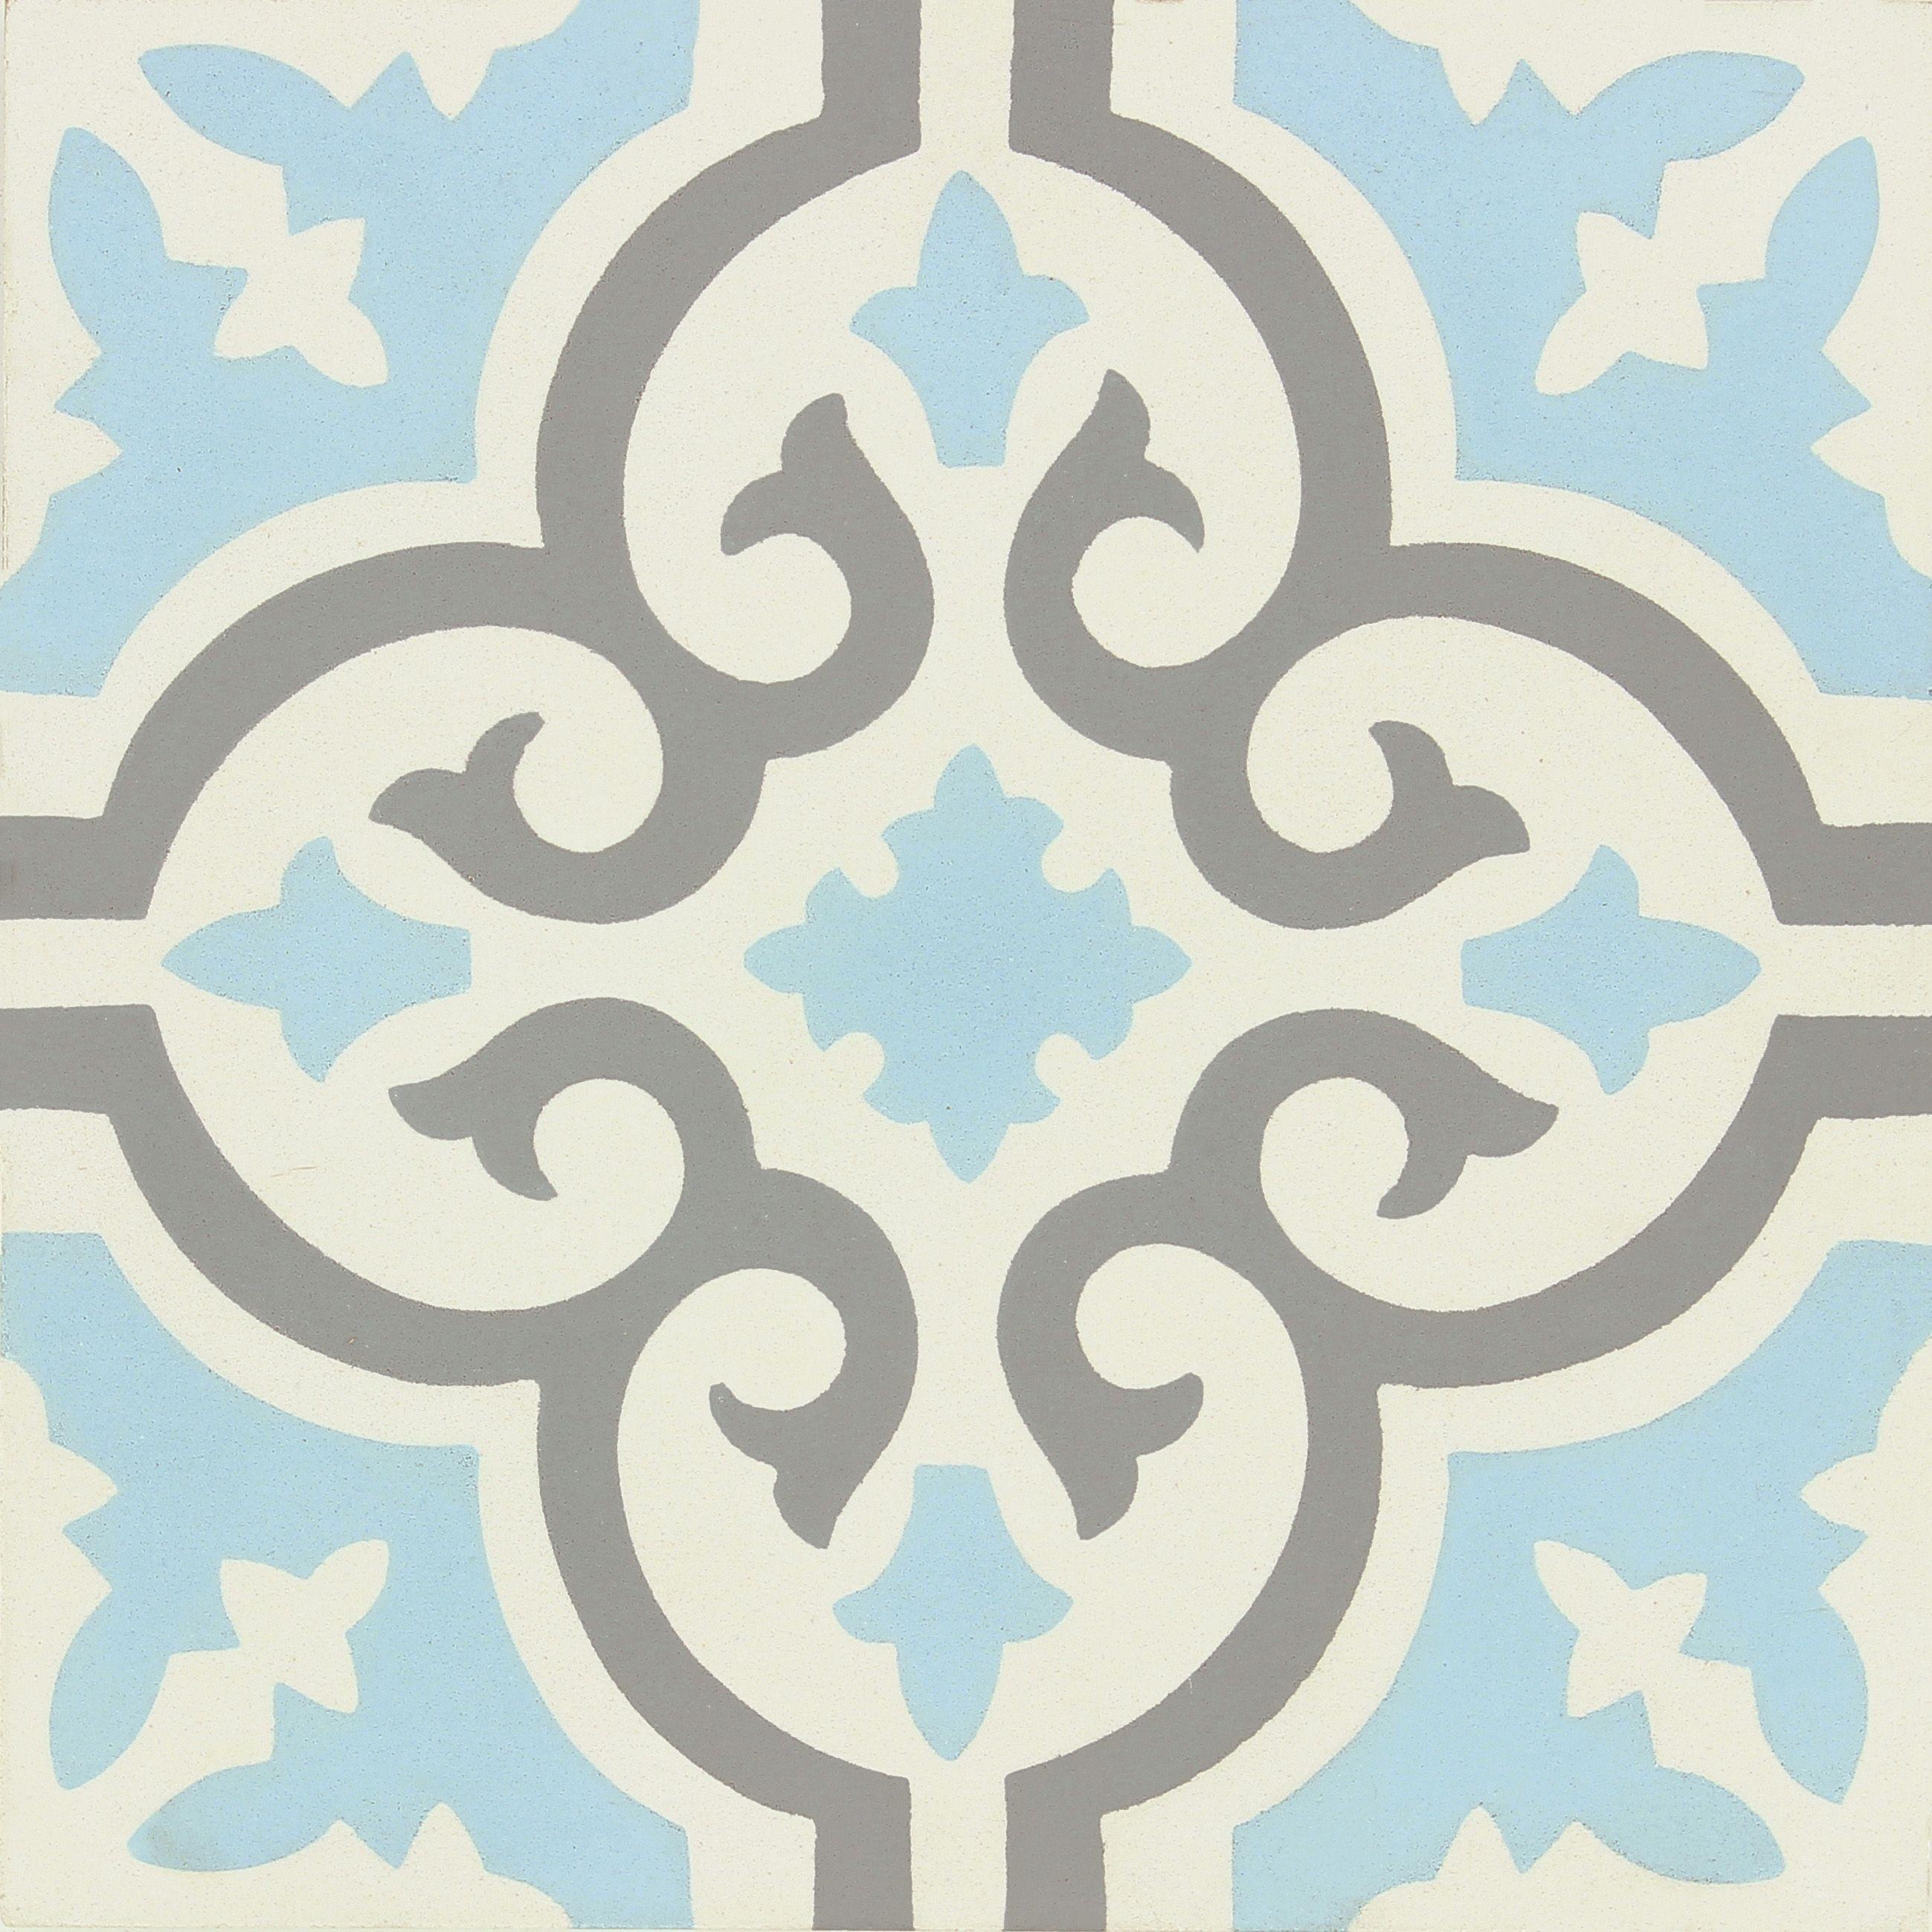 Carreau De Ciment Belle Epoque Decor Elise Gris Bleu Et Blanc L 20 X L 20 Cm Leroymerlin Carreauxdeciment Carrelage Ideedeco Azulejos Ideias Por Do Sol